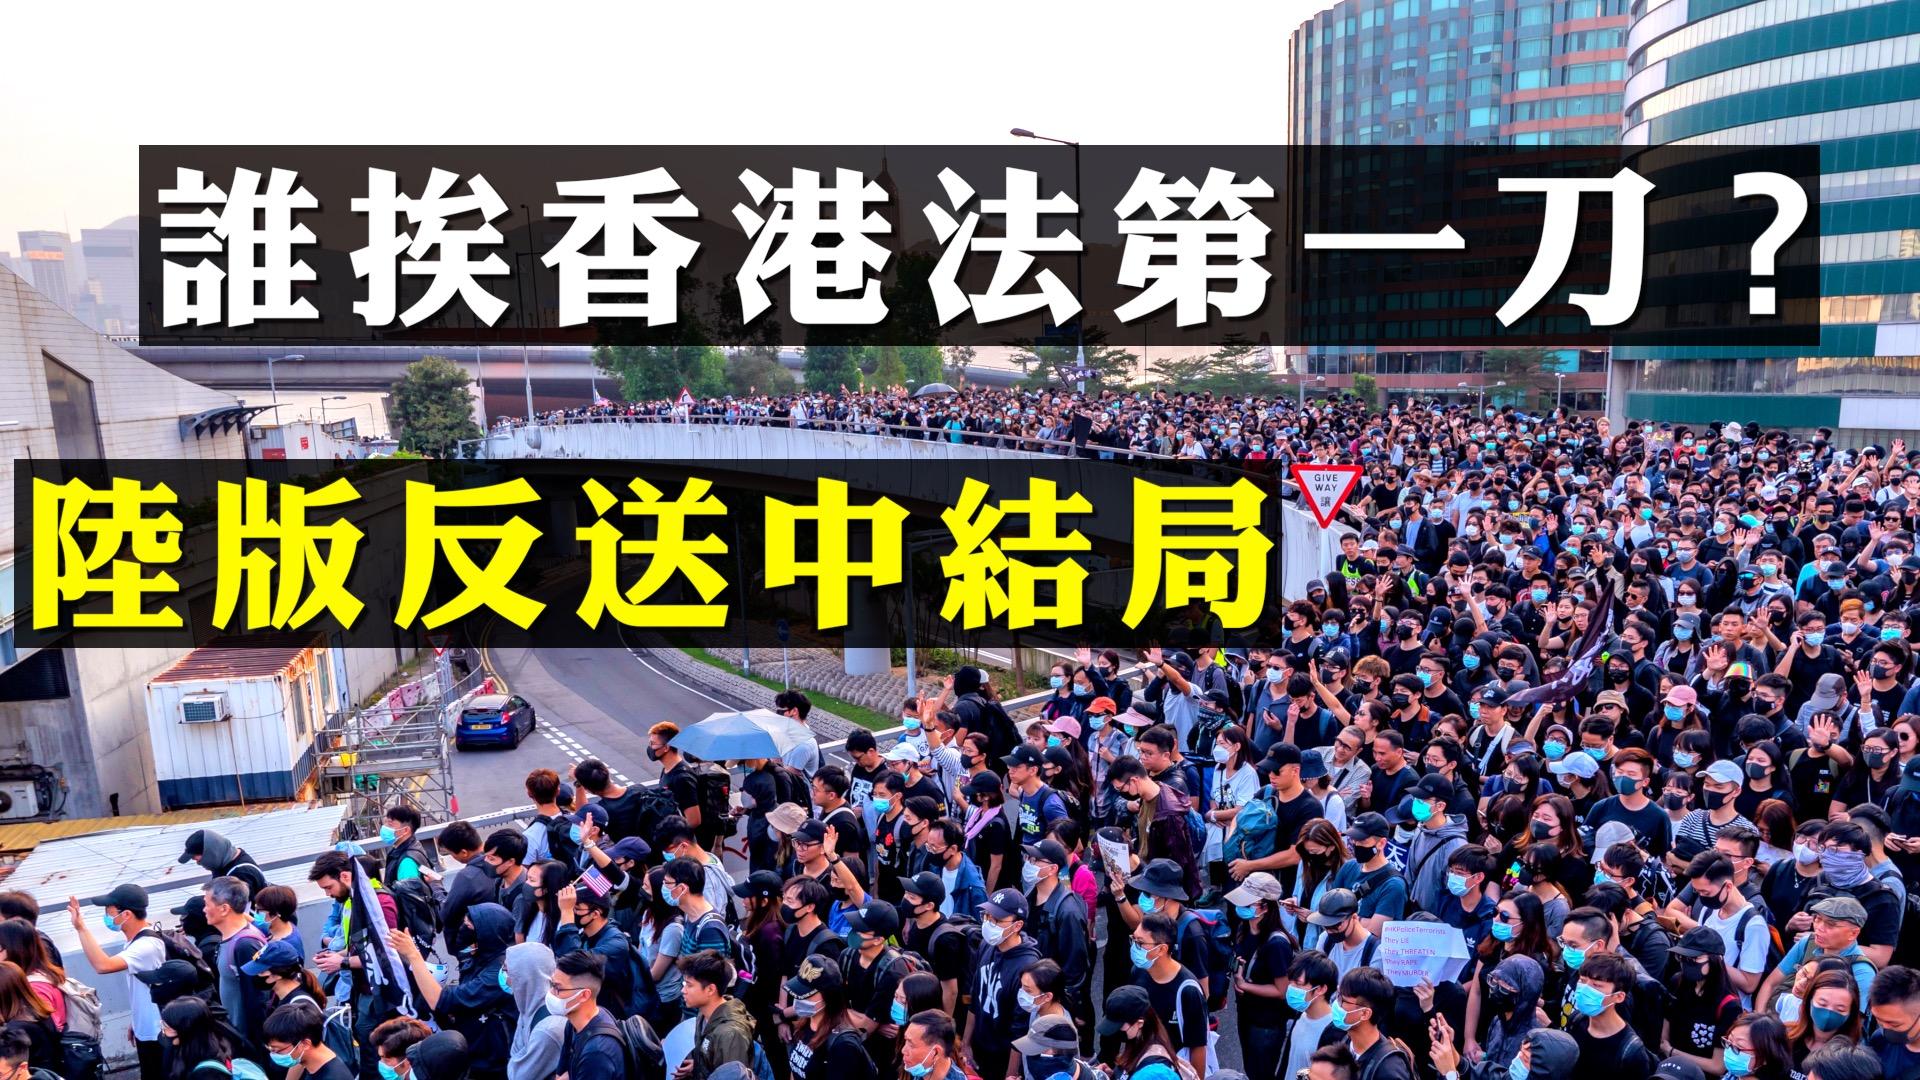 過去幾天,香港政府仍不回應民間訴求,街頭重現烽煙,催淚彈、警棍、流血、抓捕,勇武派抗爭者的火焰,再次擠佔報端。(新唐人合成)